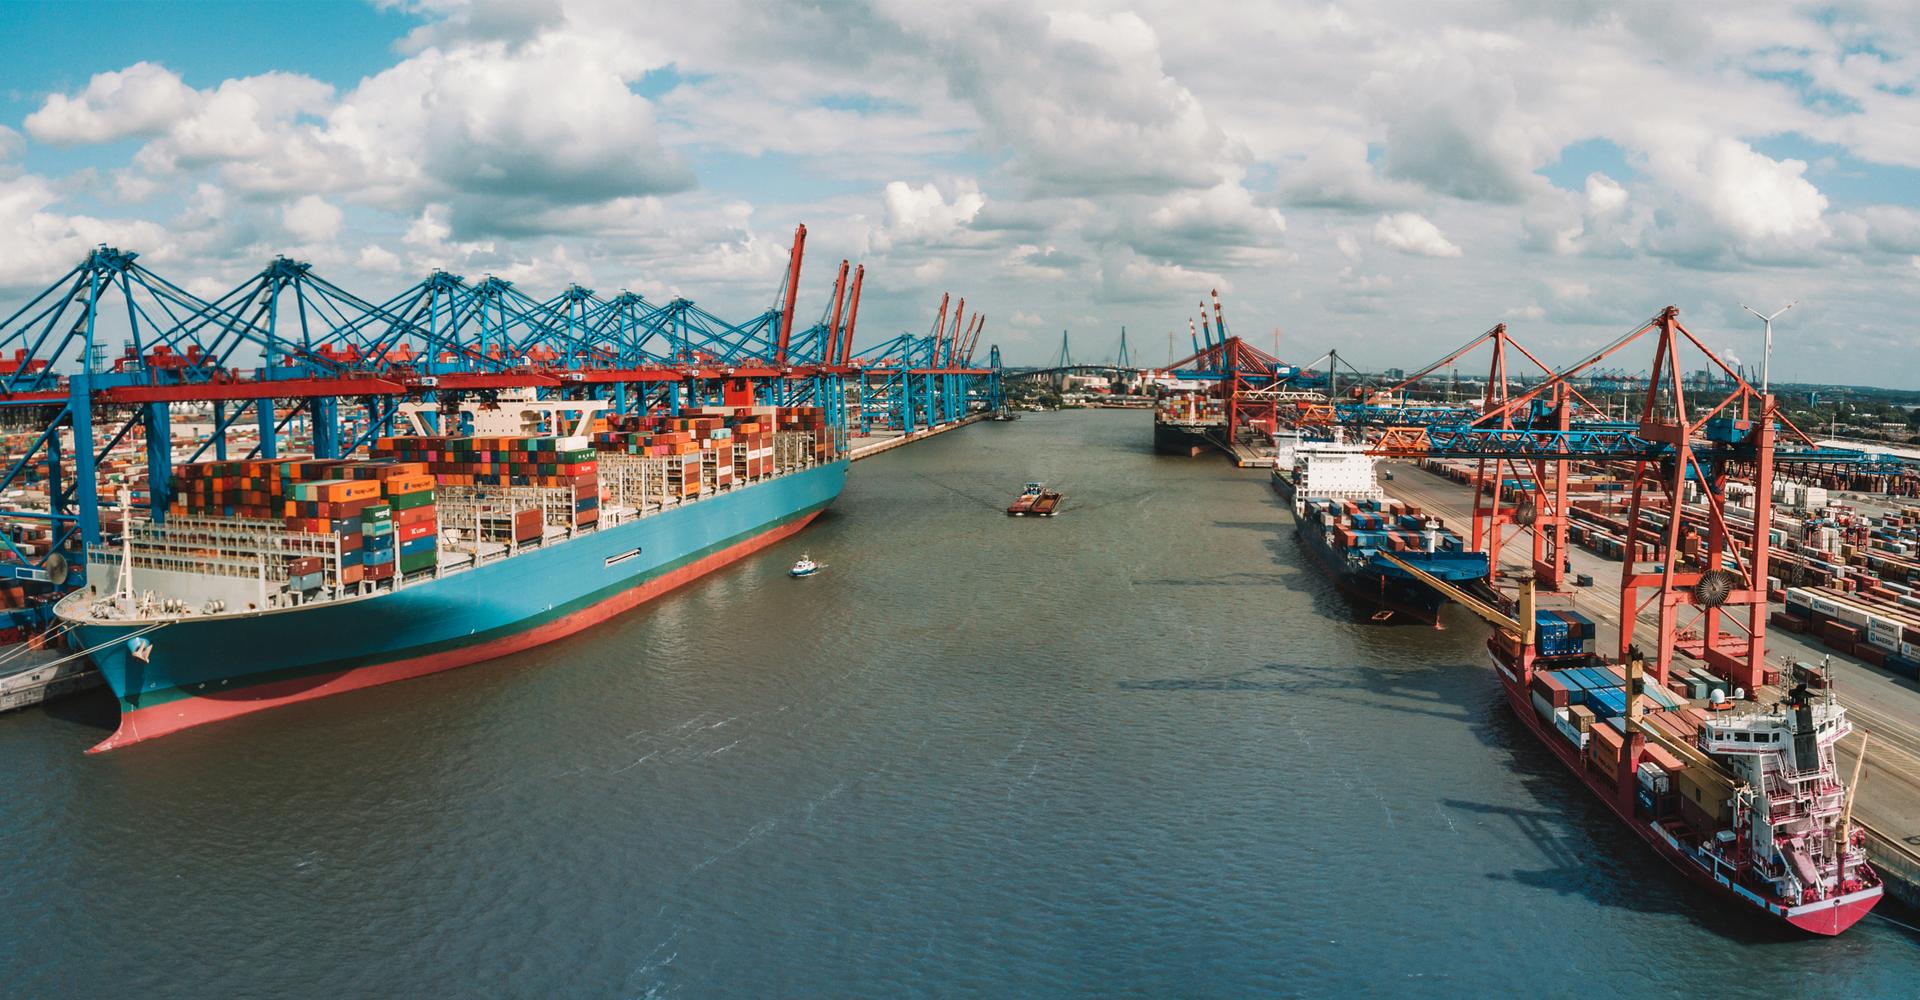 Ansicht von einem Containerterminal in Hamburg